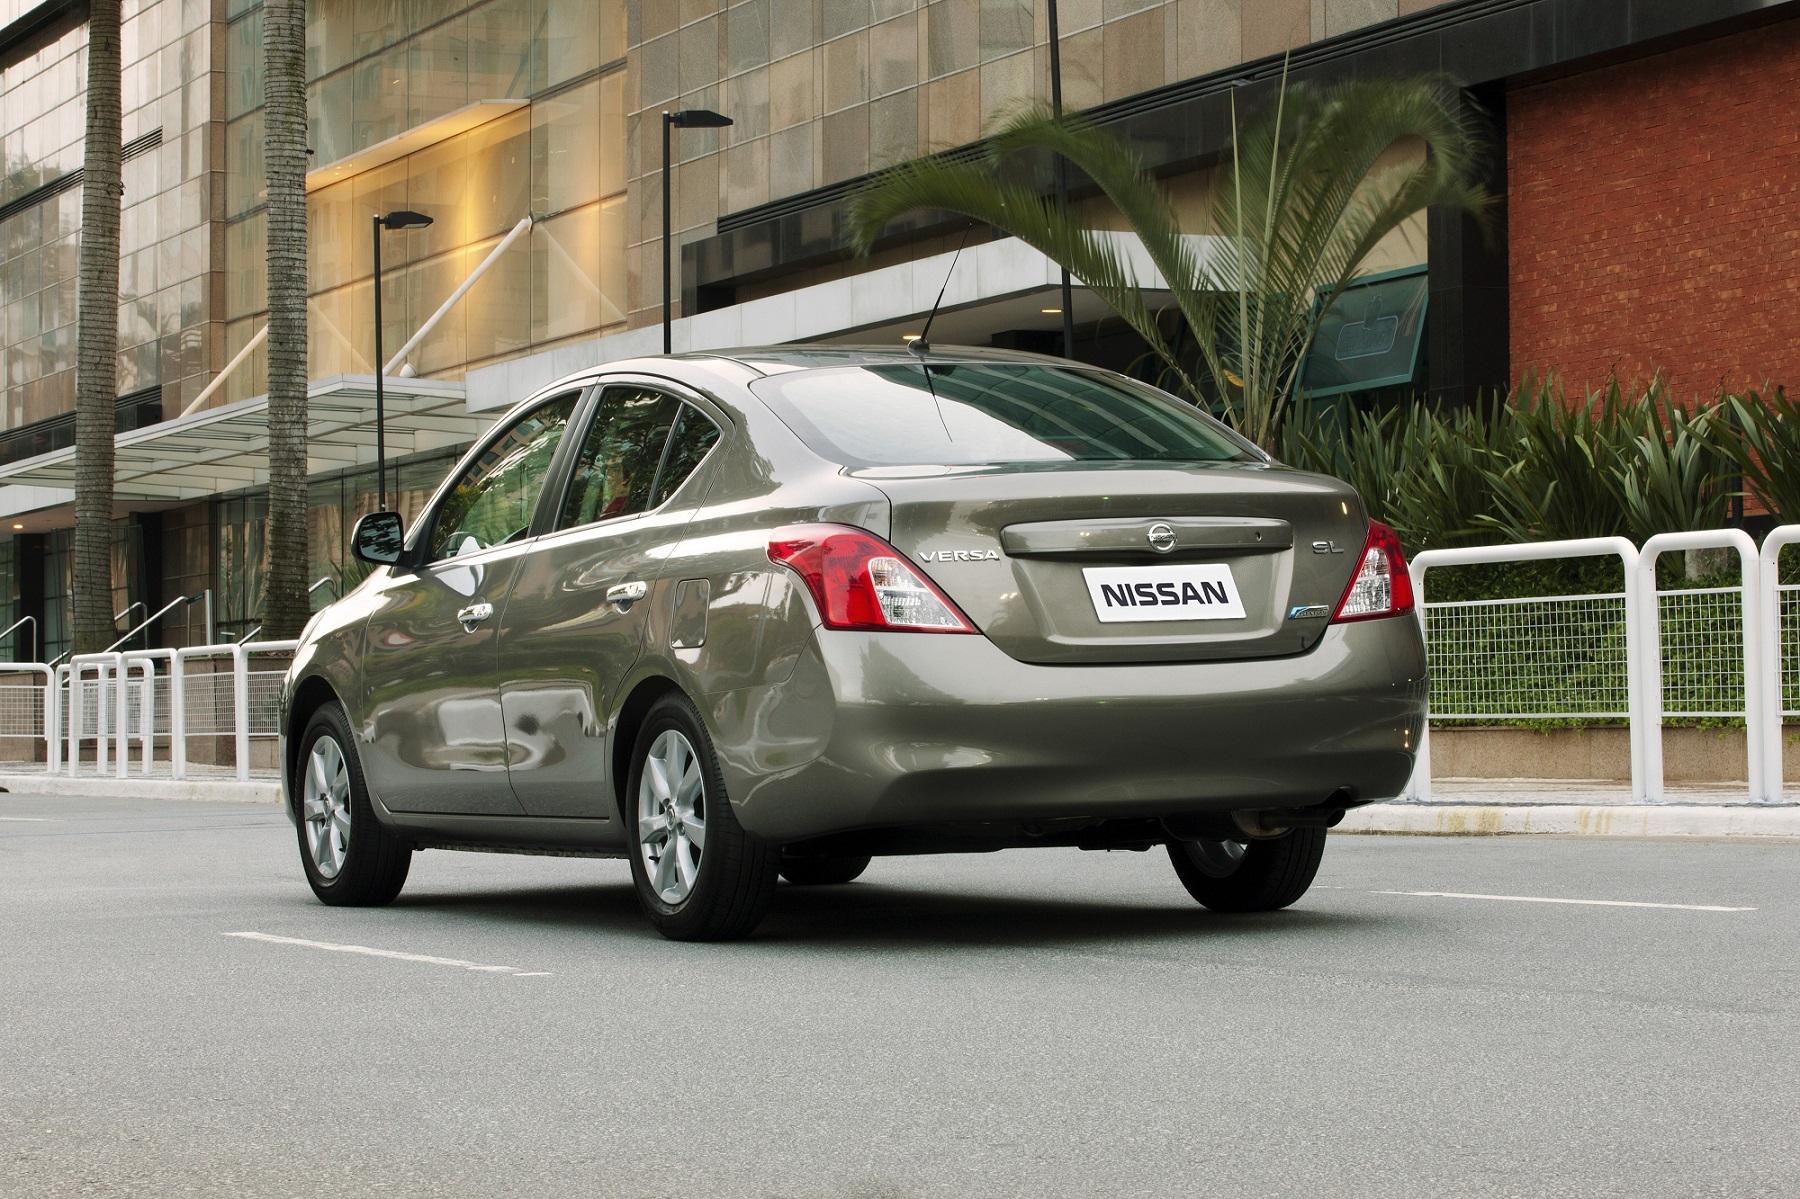 Nissan Versa na cor marrom metálica em movimento na rua